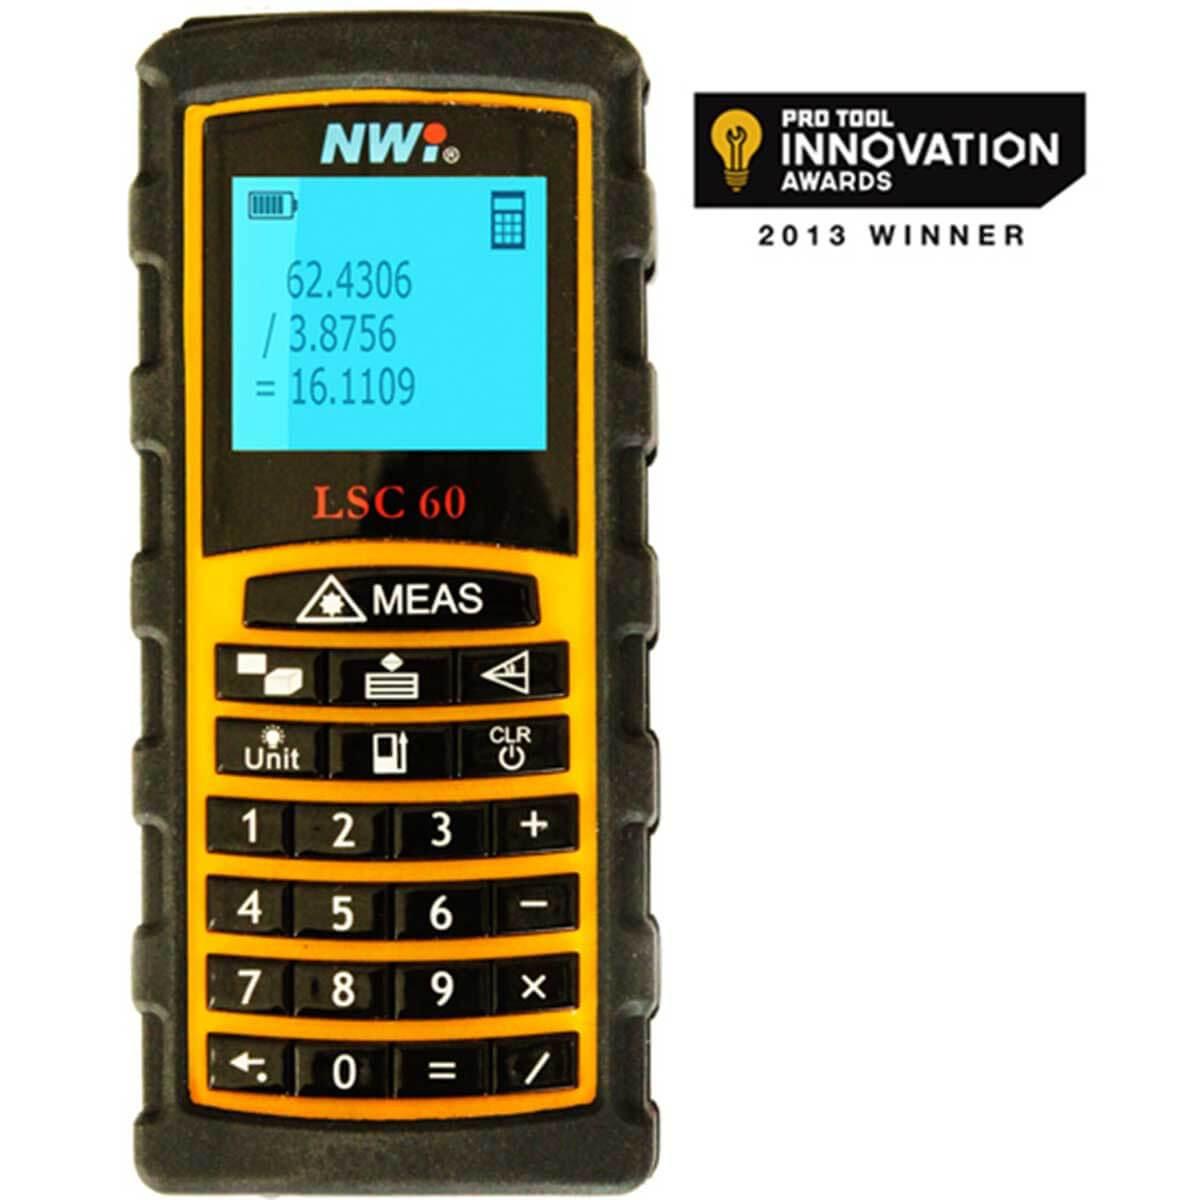 Northwest Instruments Laser Distance Measurer